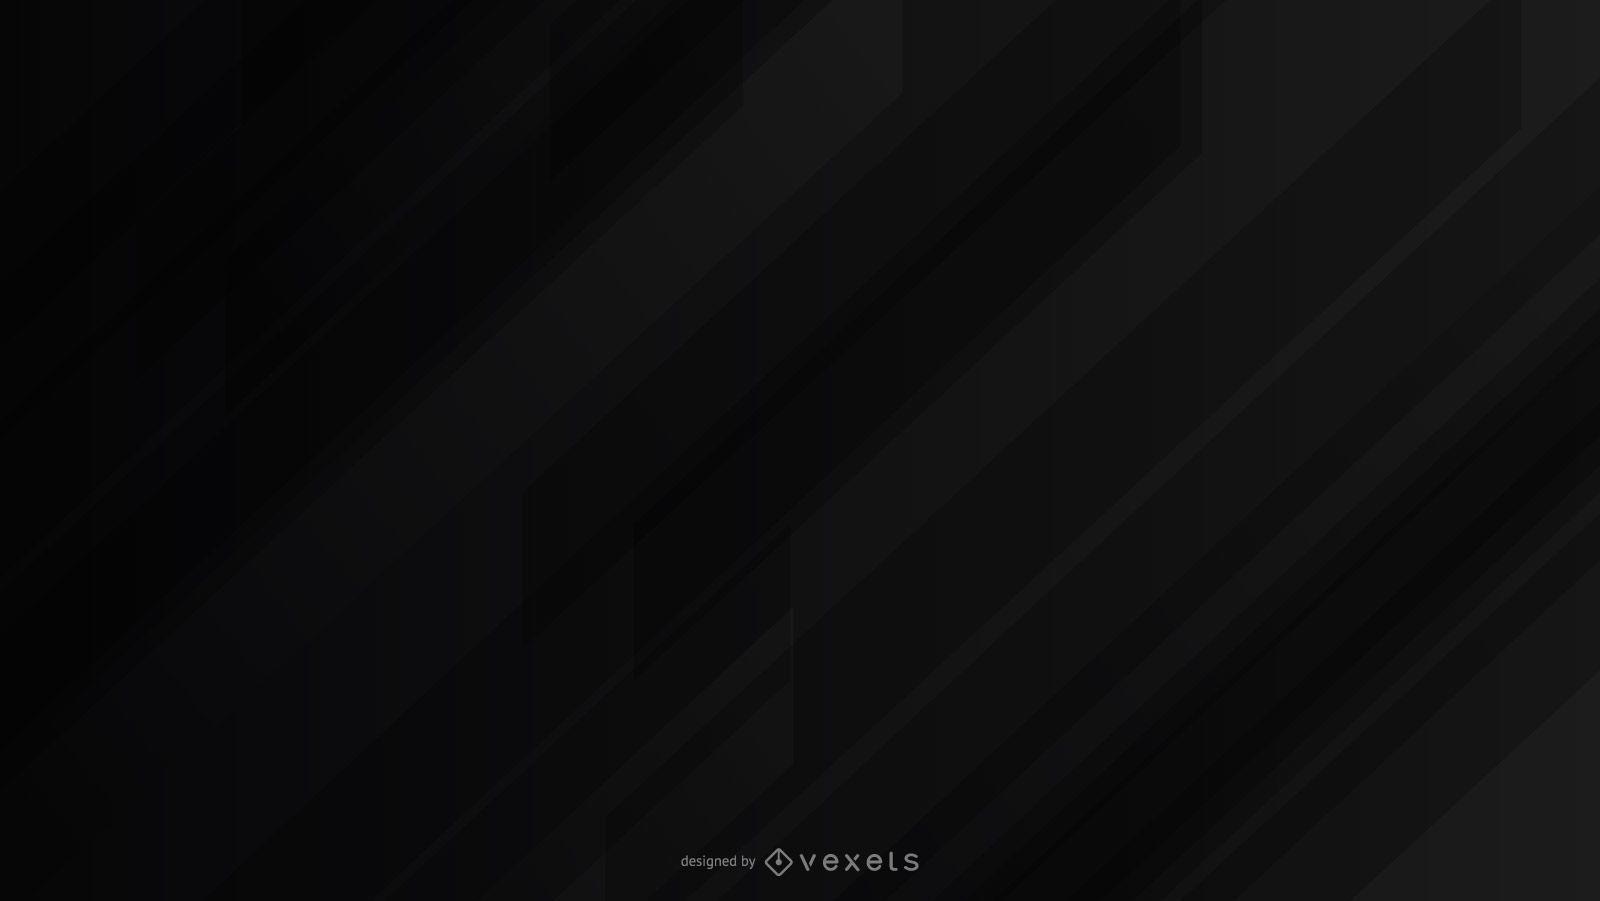 Abstraktes Design des schwarzen Hintergrunds